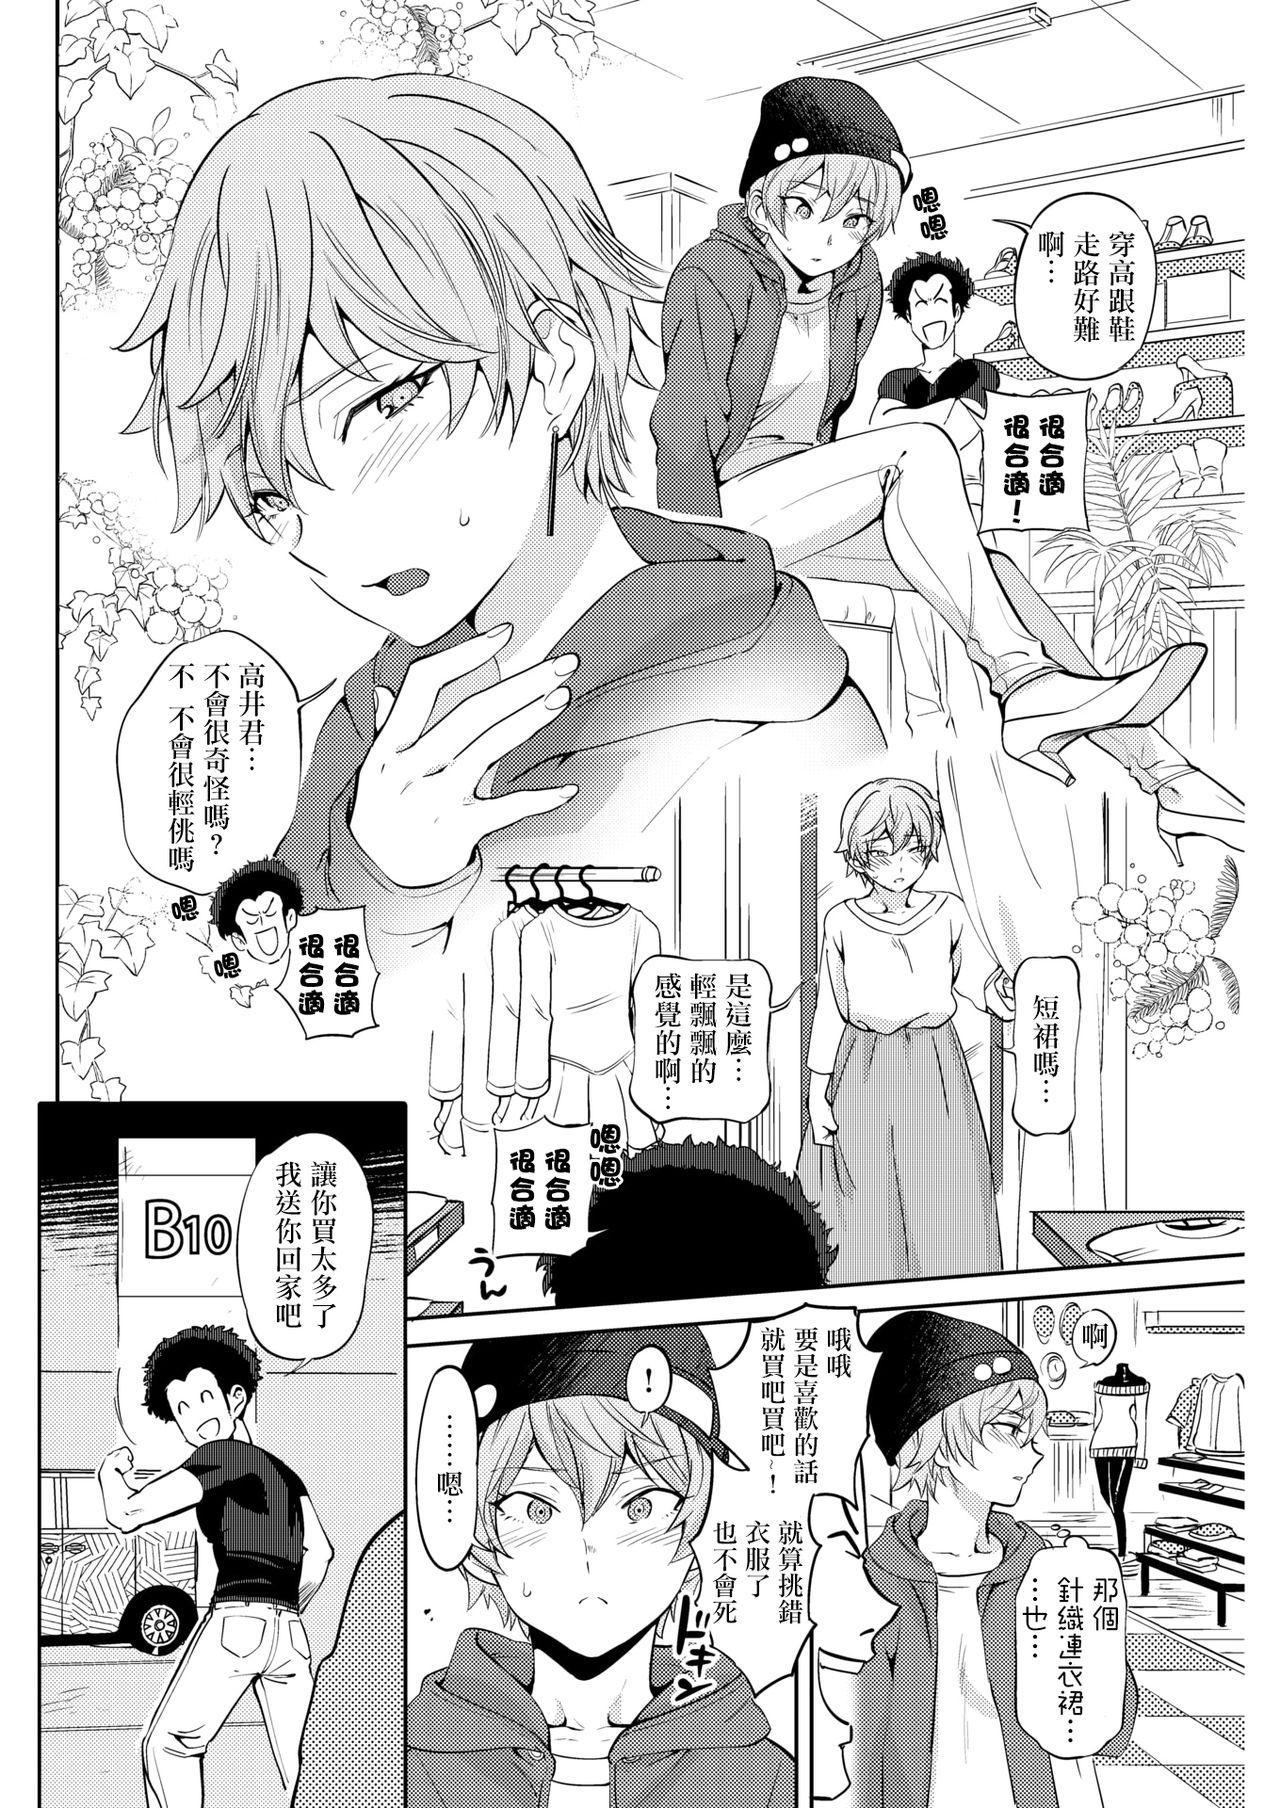 Ouji no Tamago wa Hina ni Kaeru   王子之卵孵化為雛 4